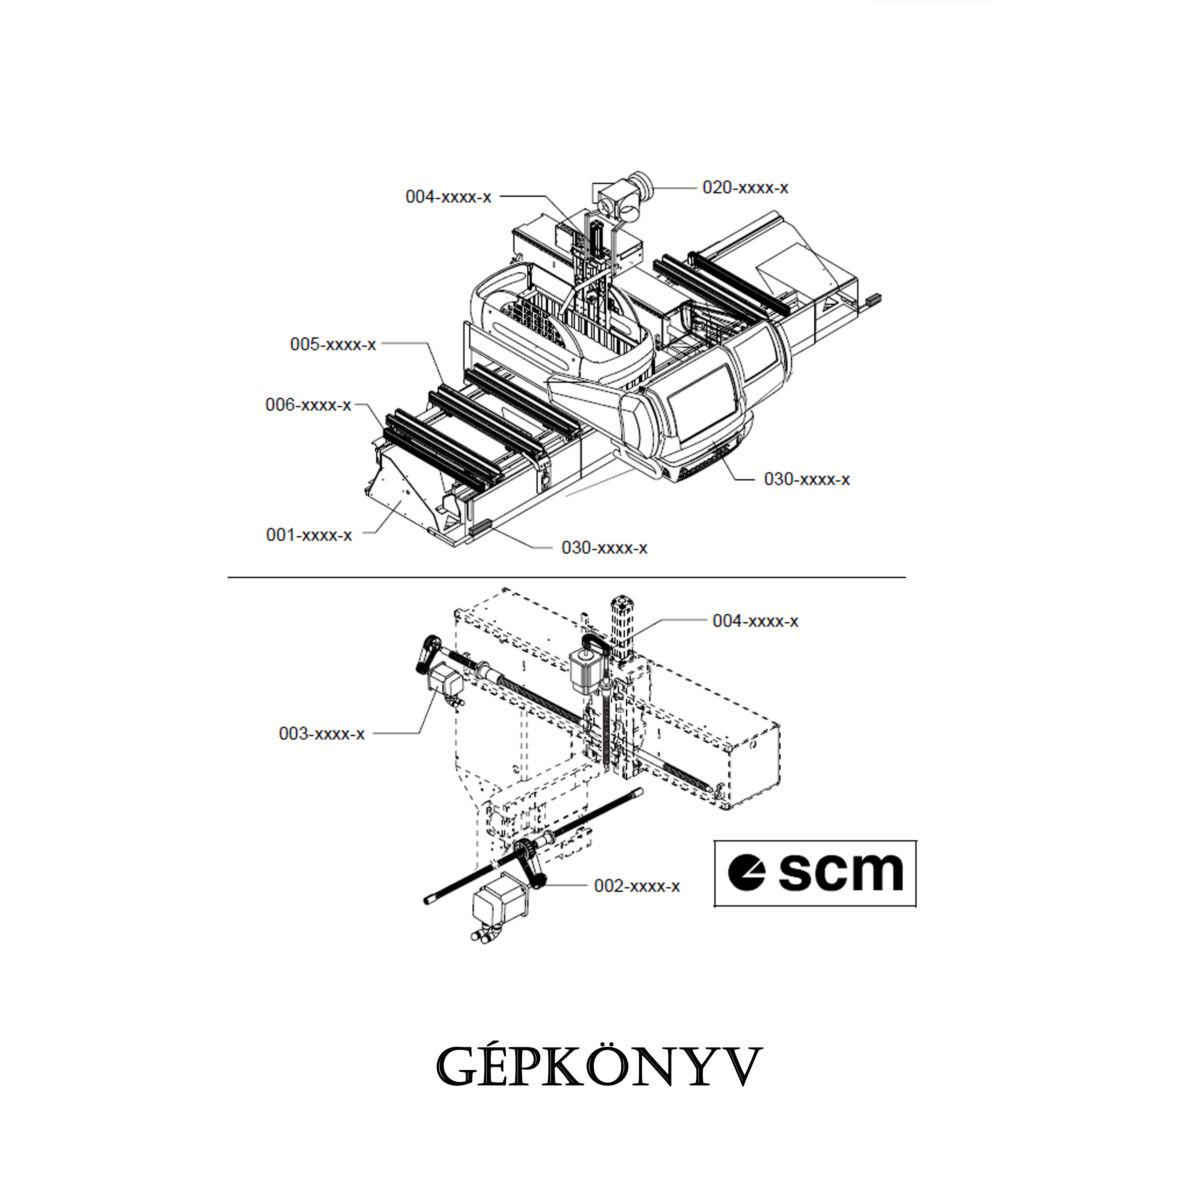 Tech Z25 Gépkönyv (Angol nyelven)